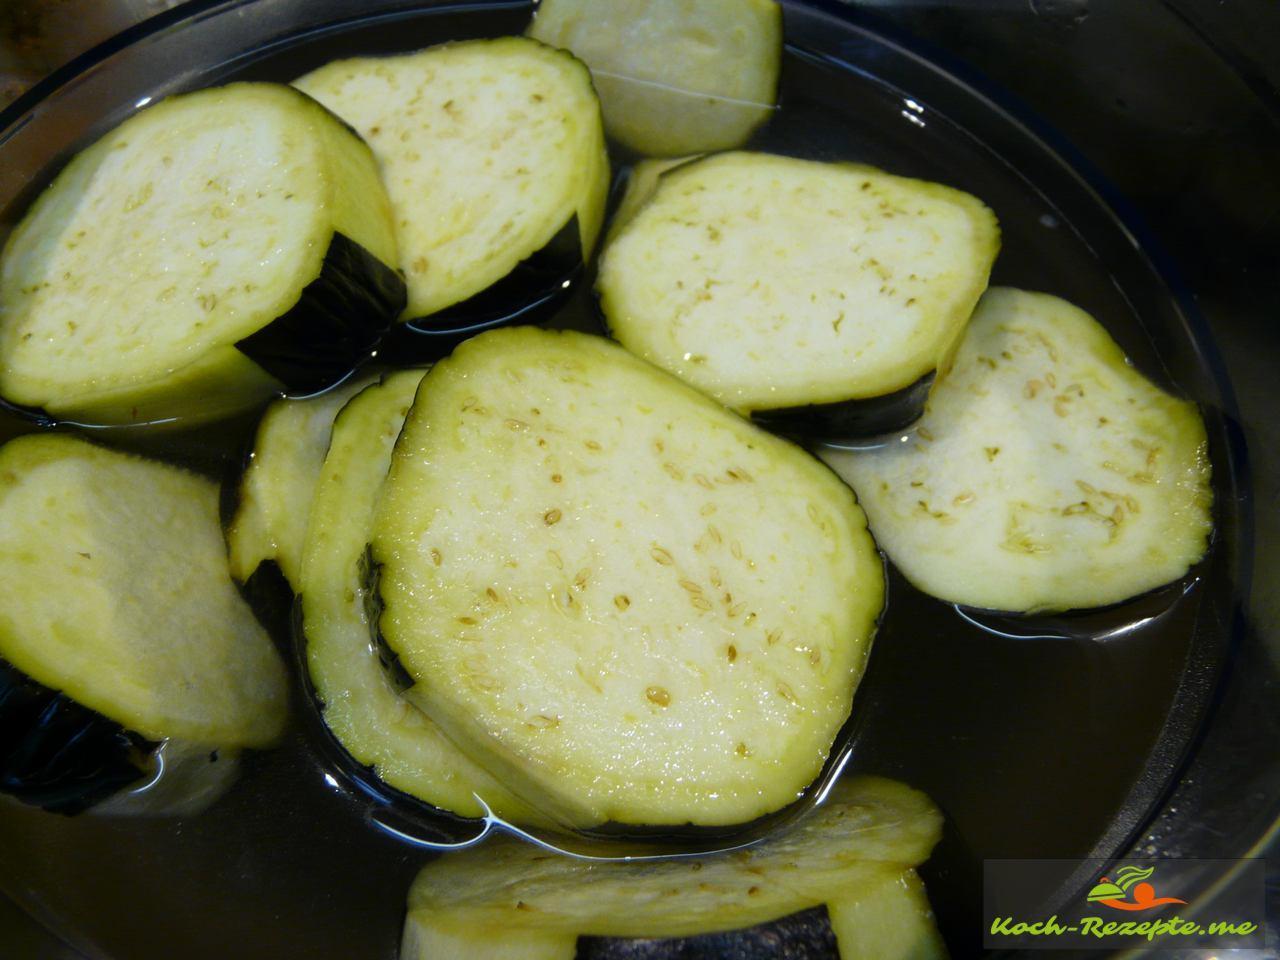 Auberginen werden 10 Minuten in kaltes Salzwasser eingelegt, dann ausgedrückt und geviertelt